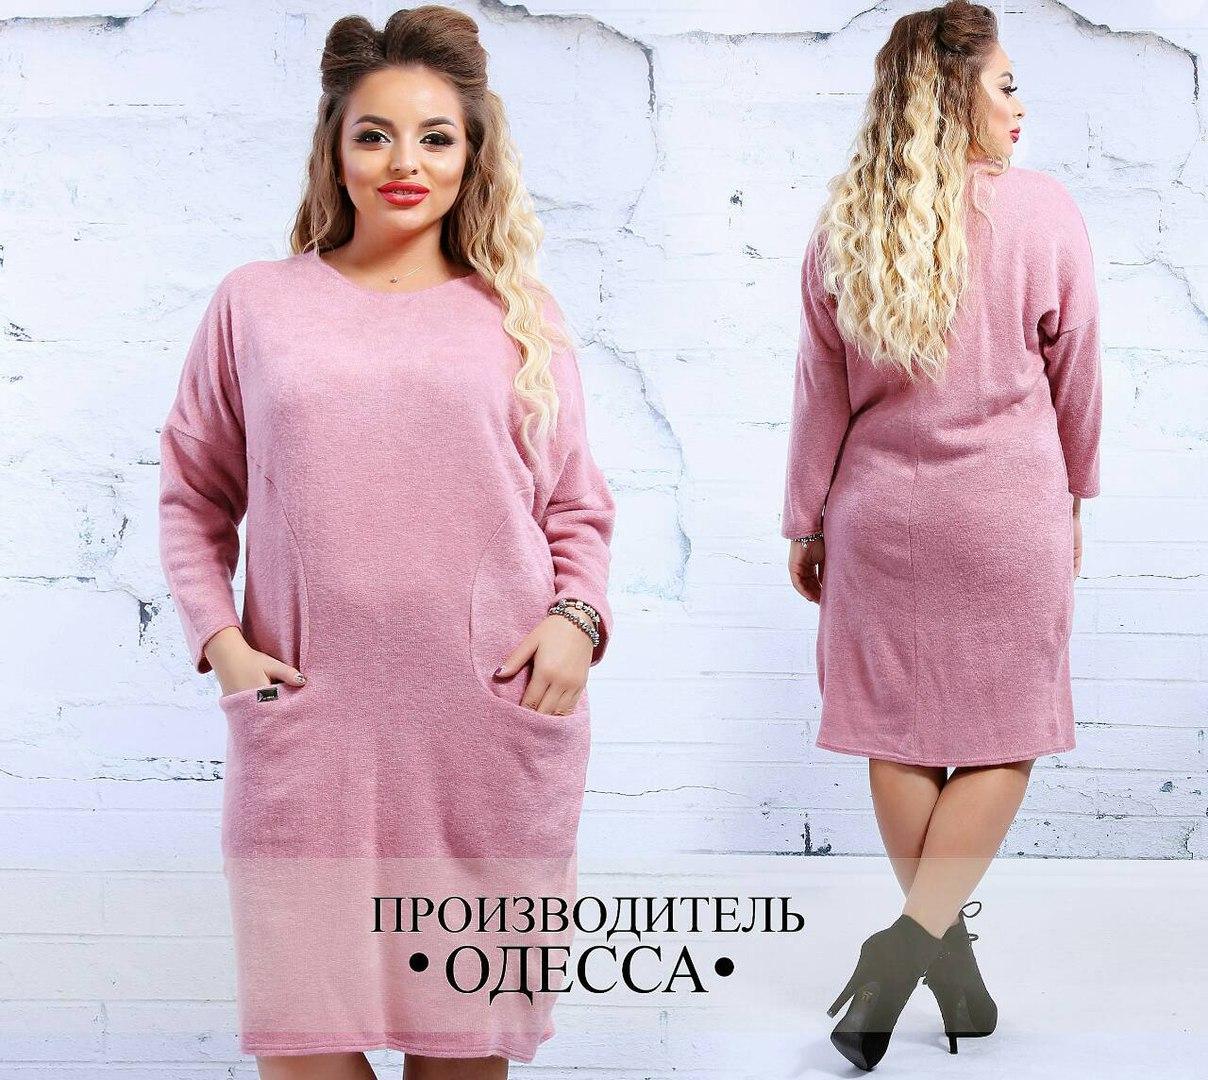 Платье женское в расцветках 22433  Интернет-магазин модной женской одежды  оптом и в розницу . Самые низкие цены в Украине. платья женские от